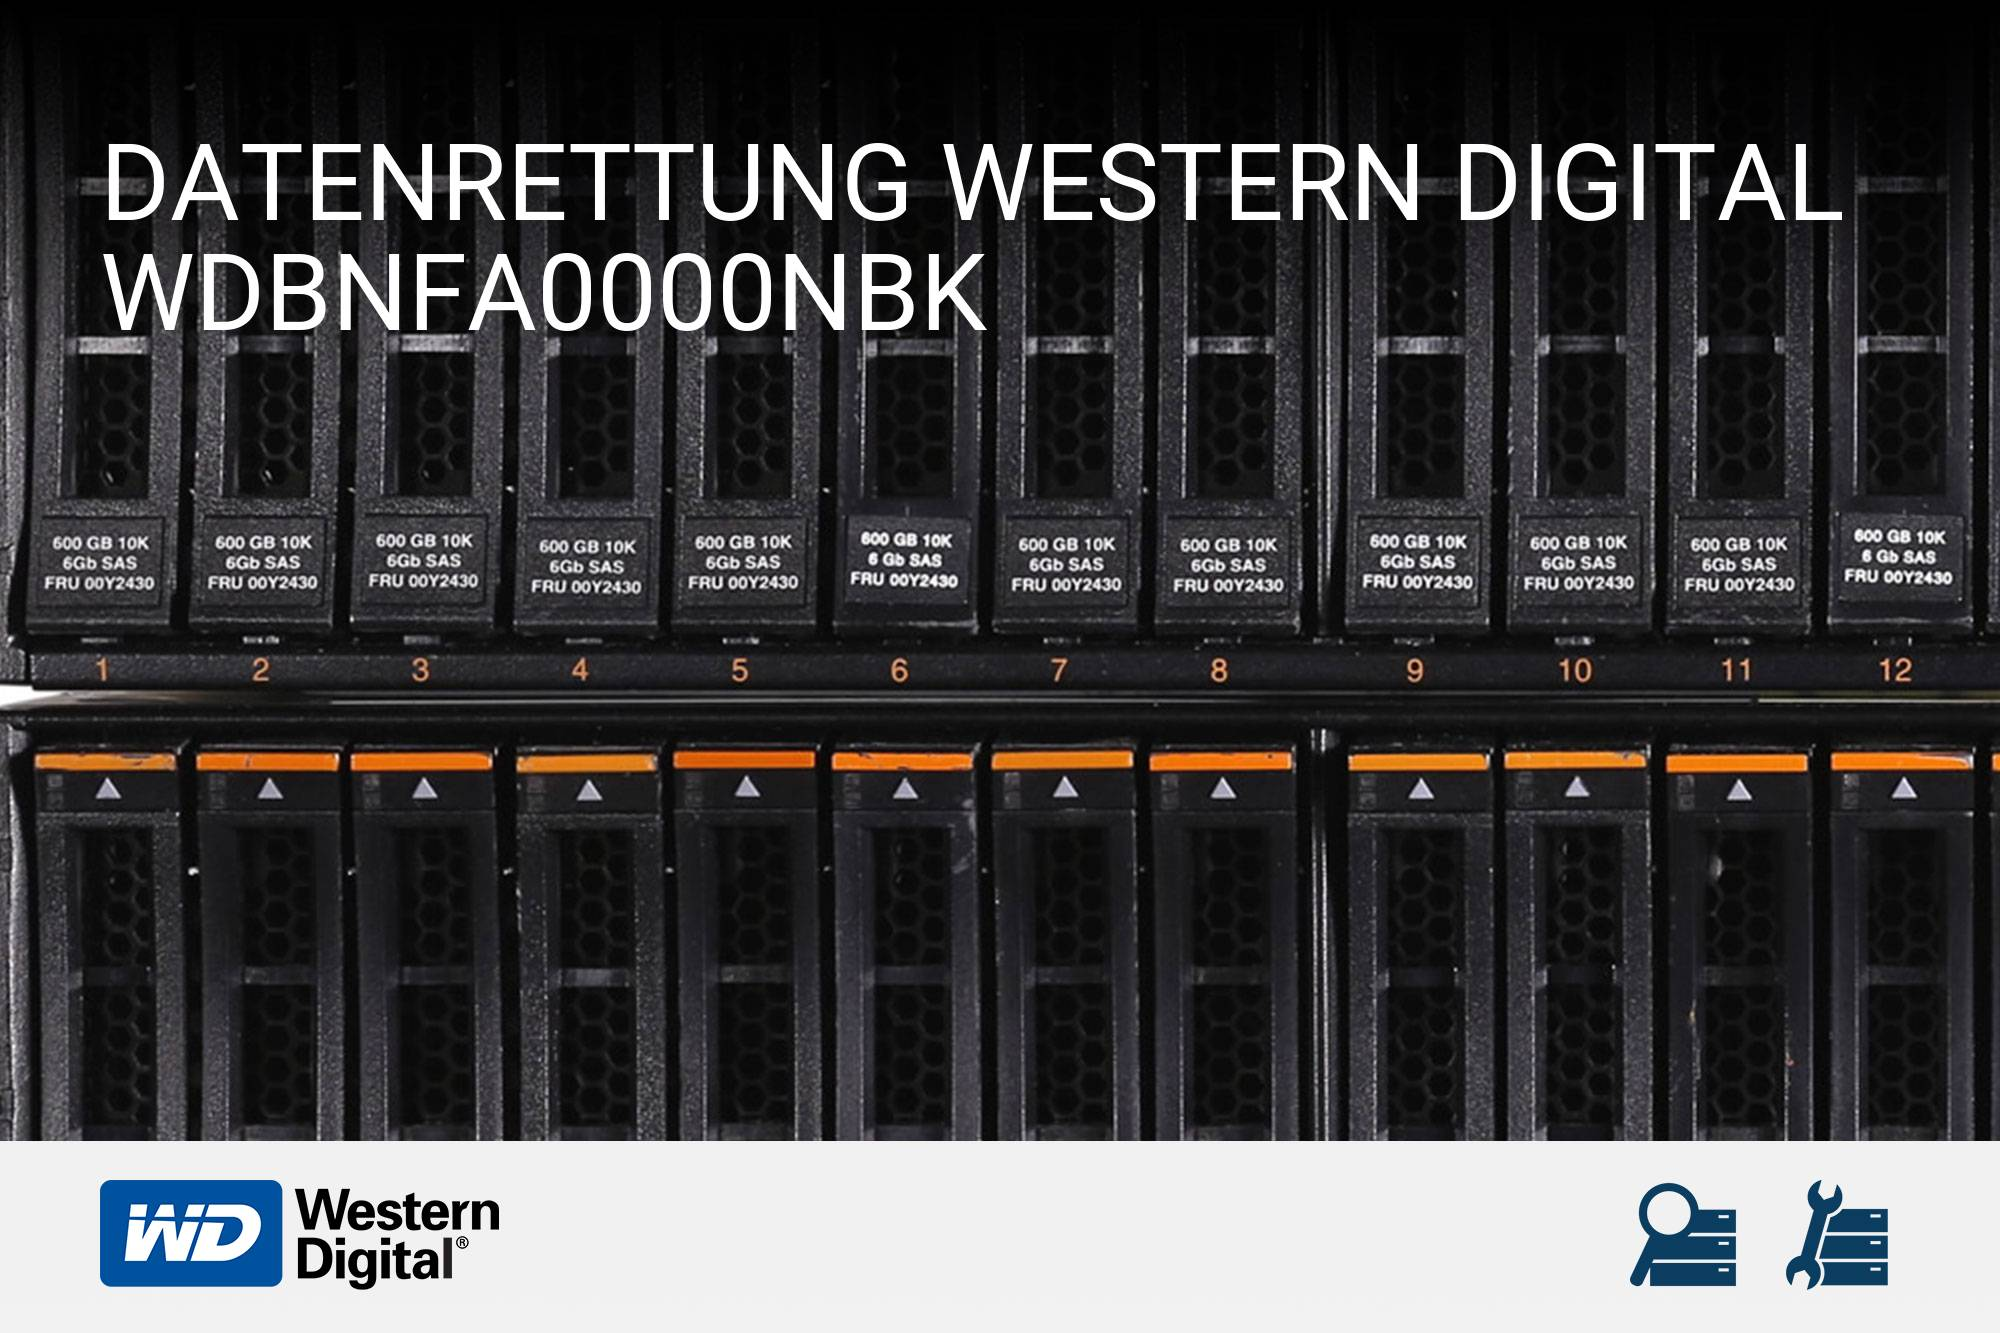 Western Digital WDBNFA0000NBK